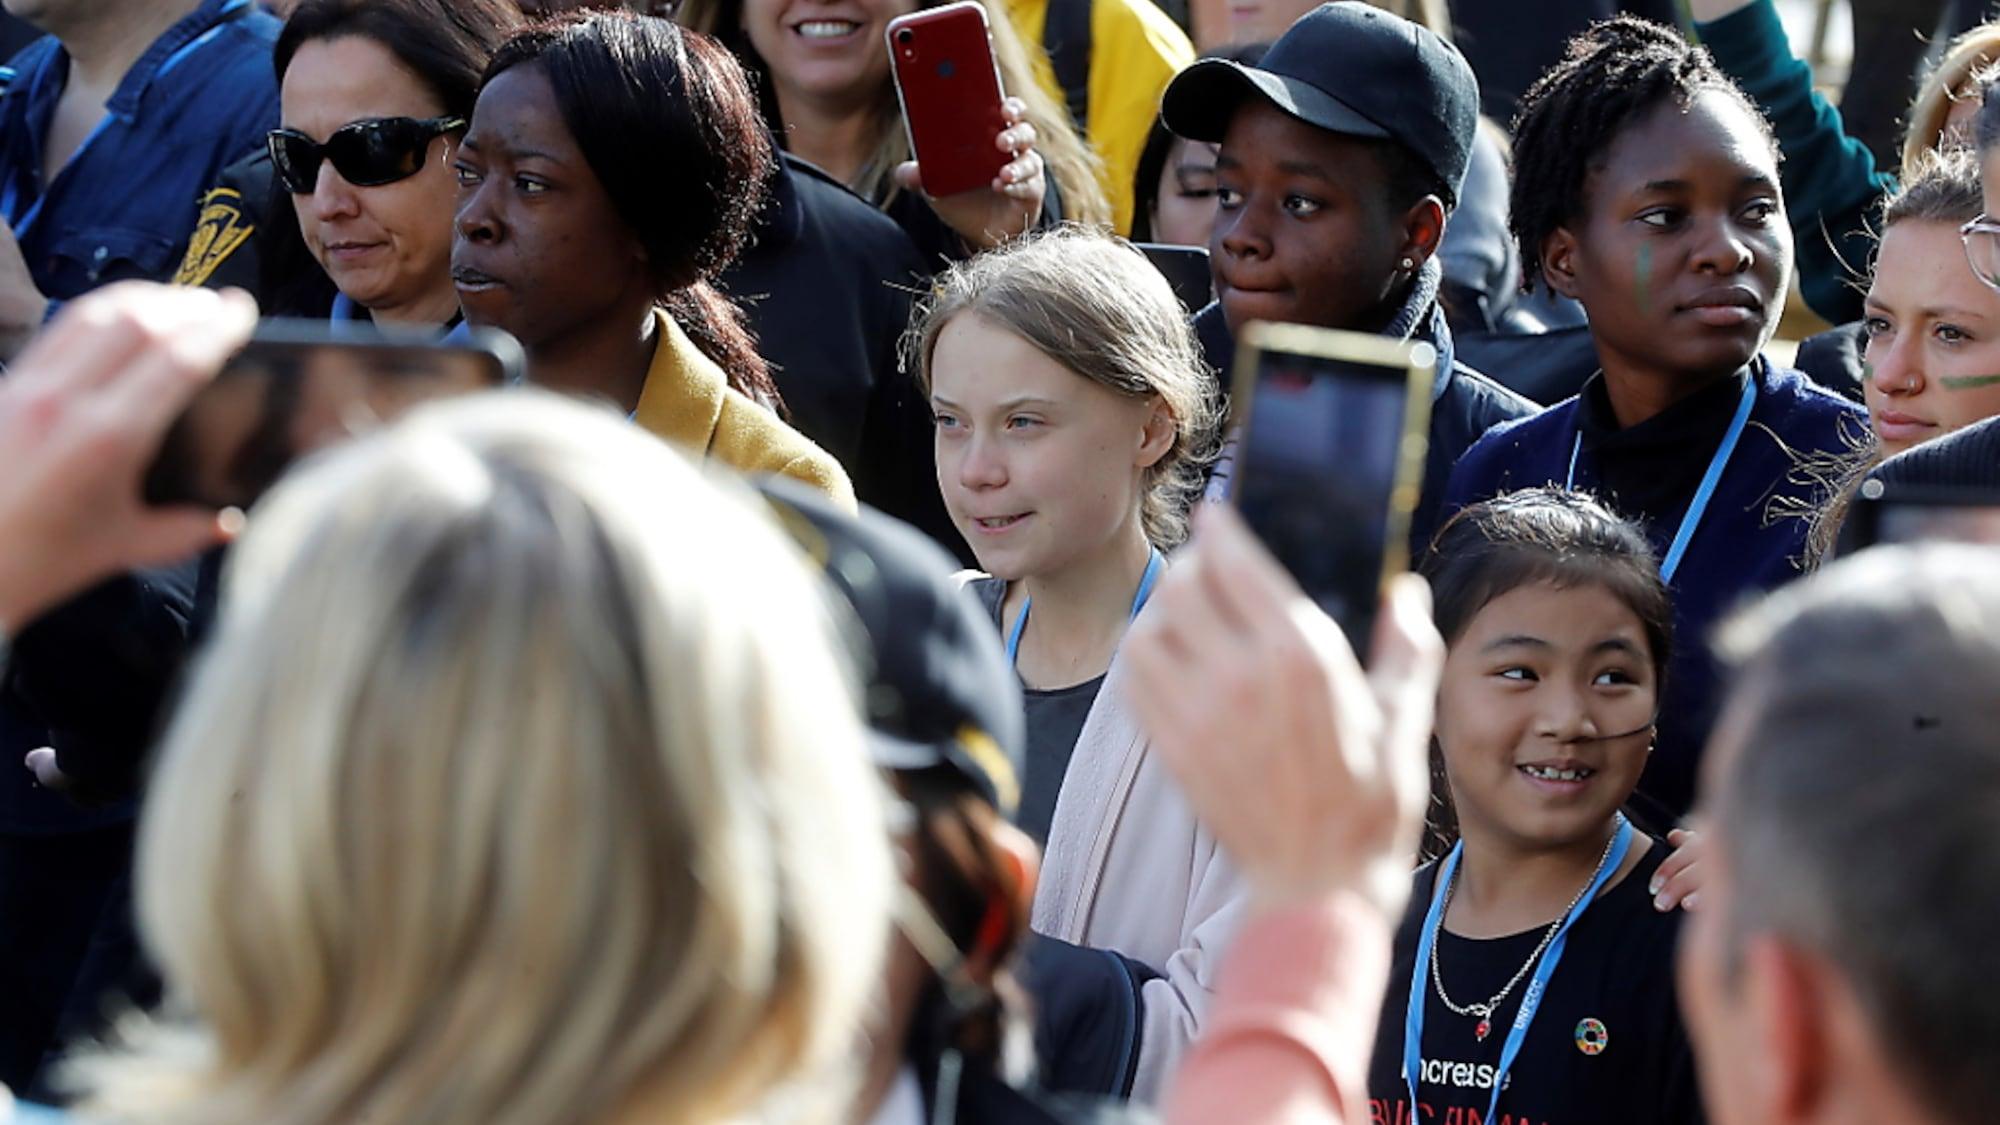 Klimamarsch am Abend: Rummel um Greta Thunberg in Madrid